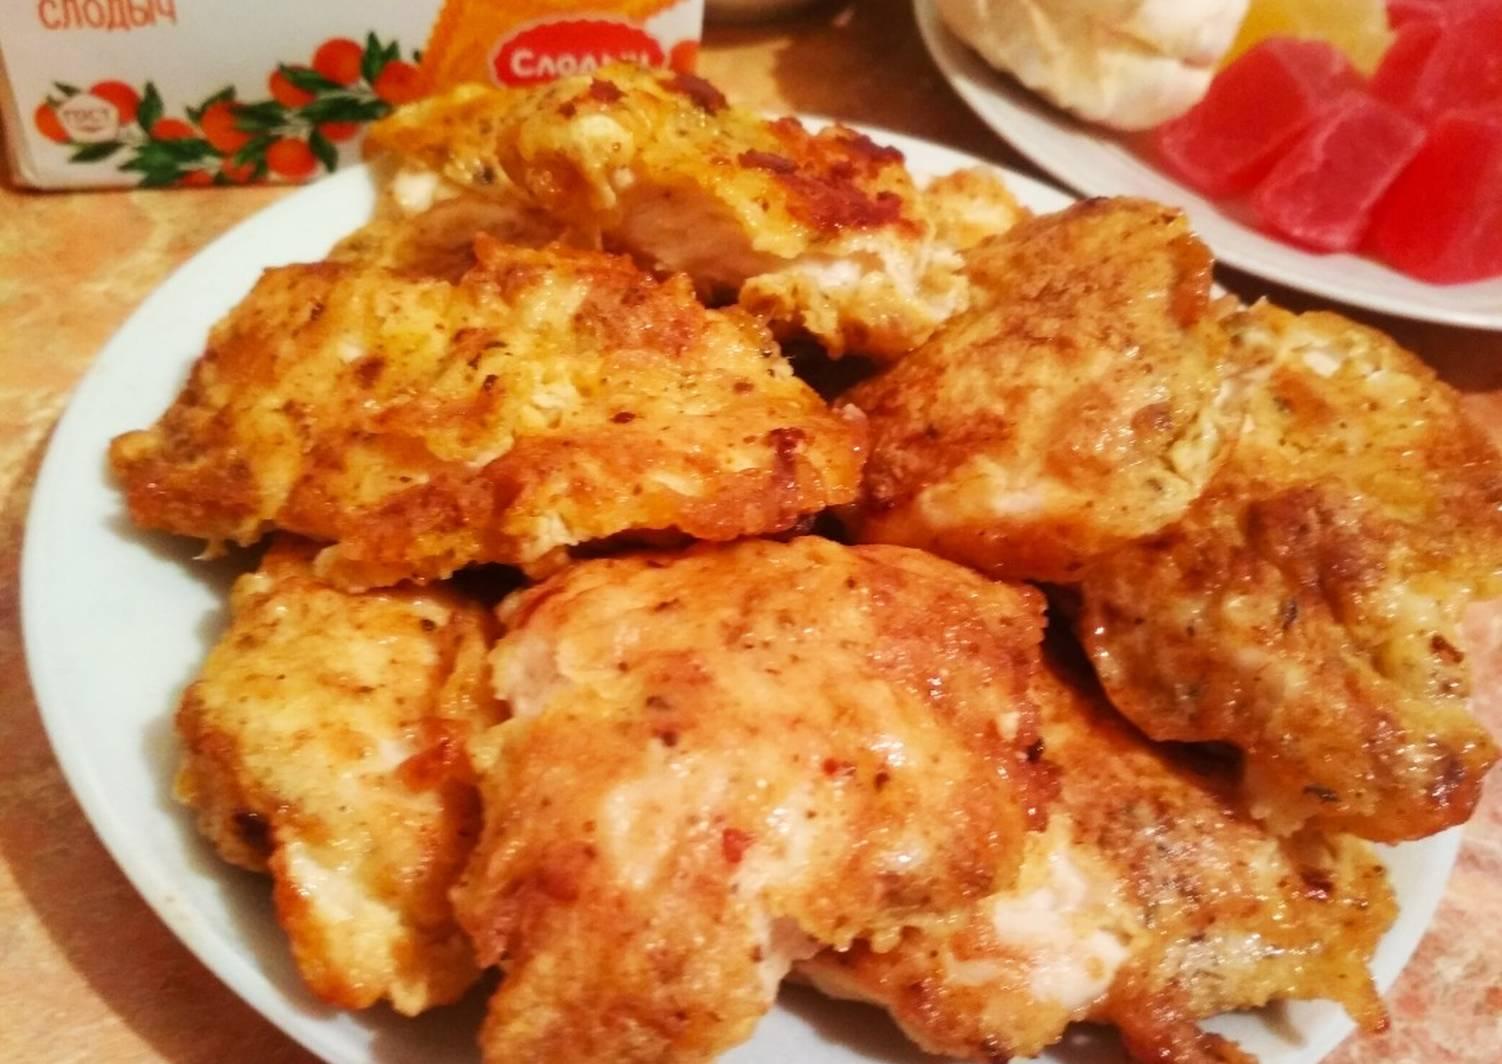 хочется курица в кляре рецепт с фото пошагово модель подходит